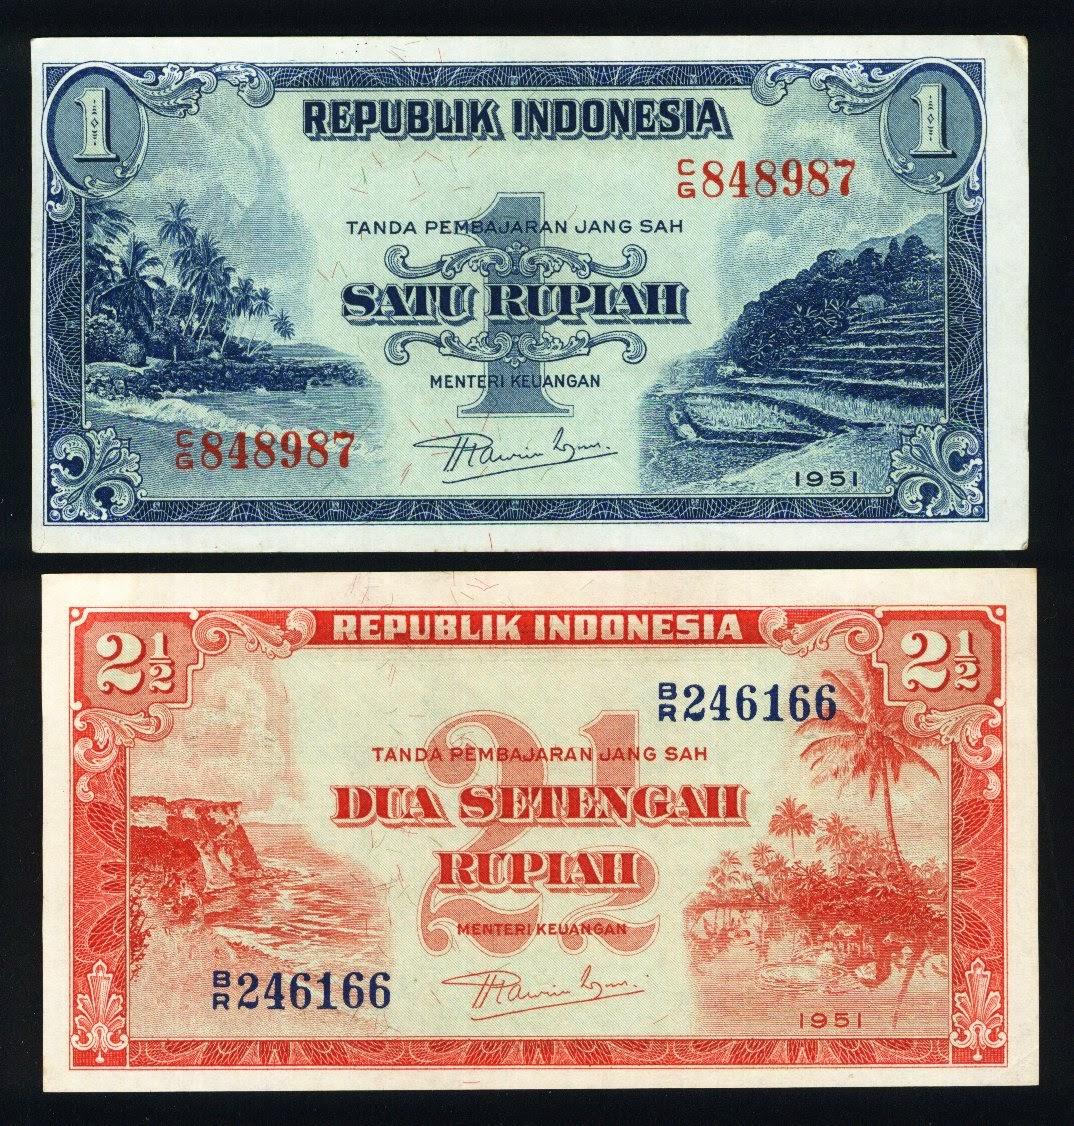 uang kuno seri Pemandangan Alam tahun 1951